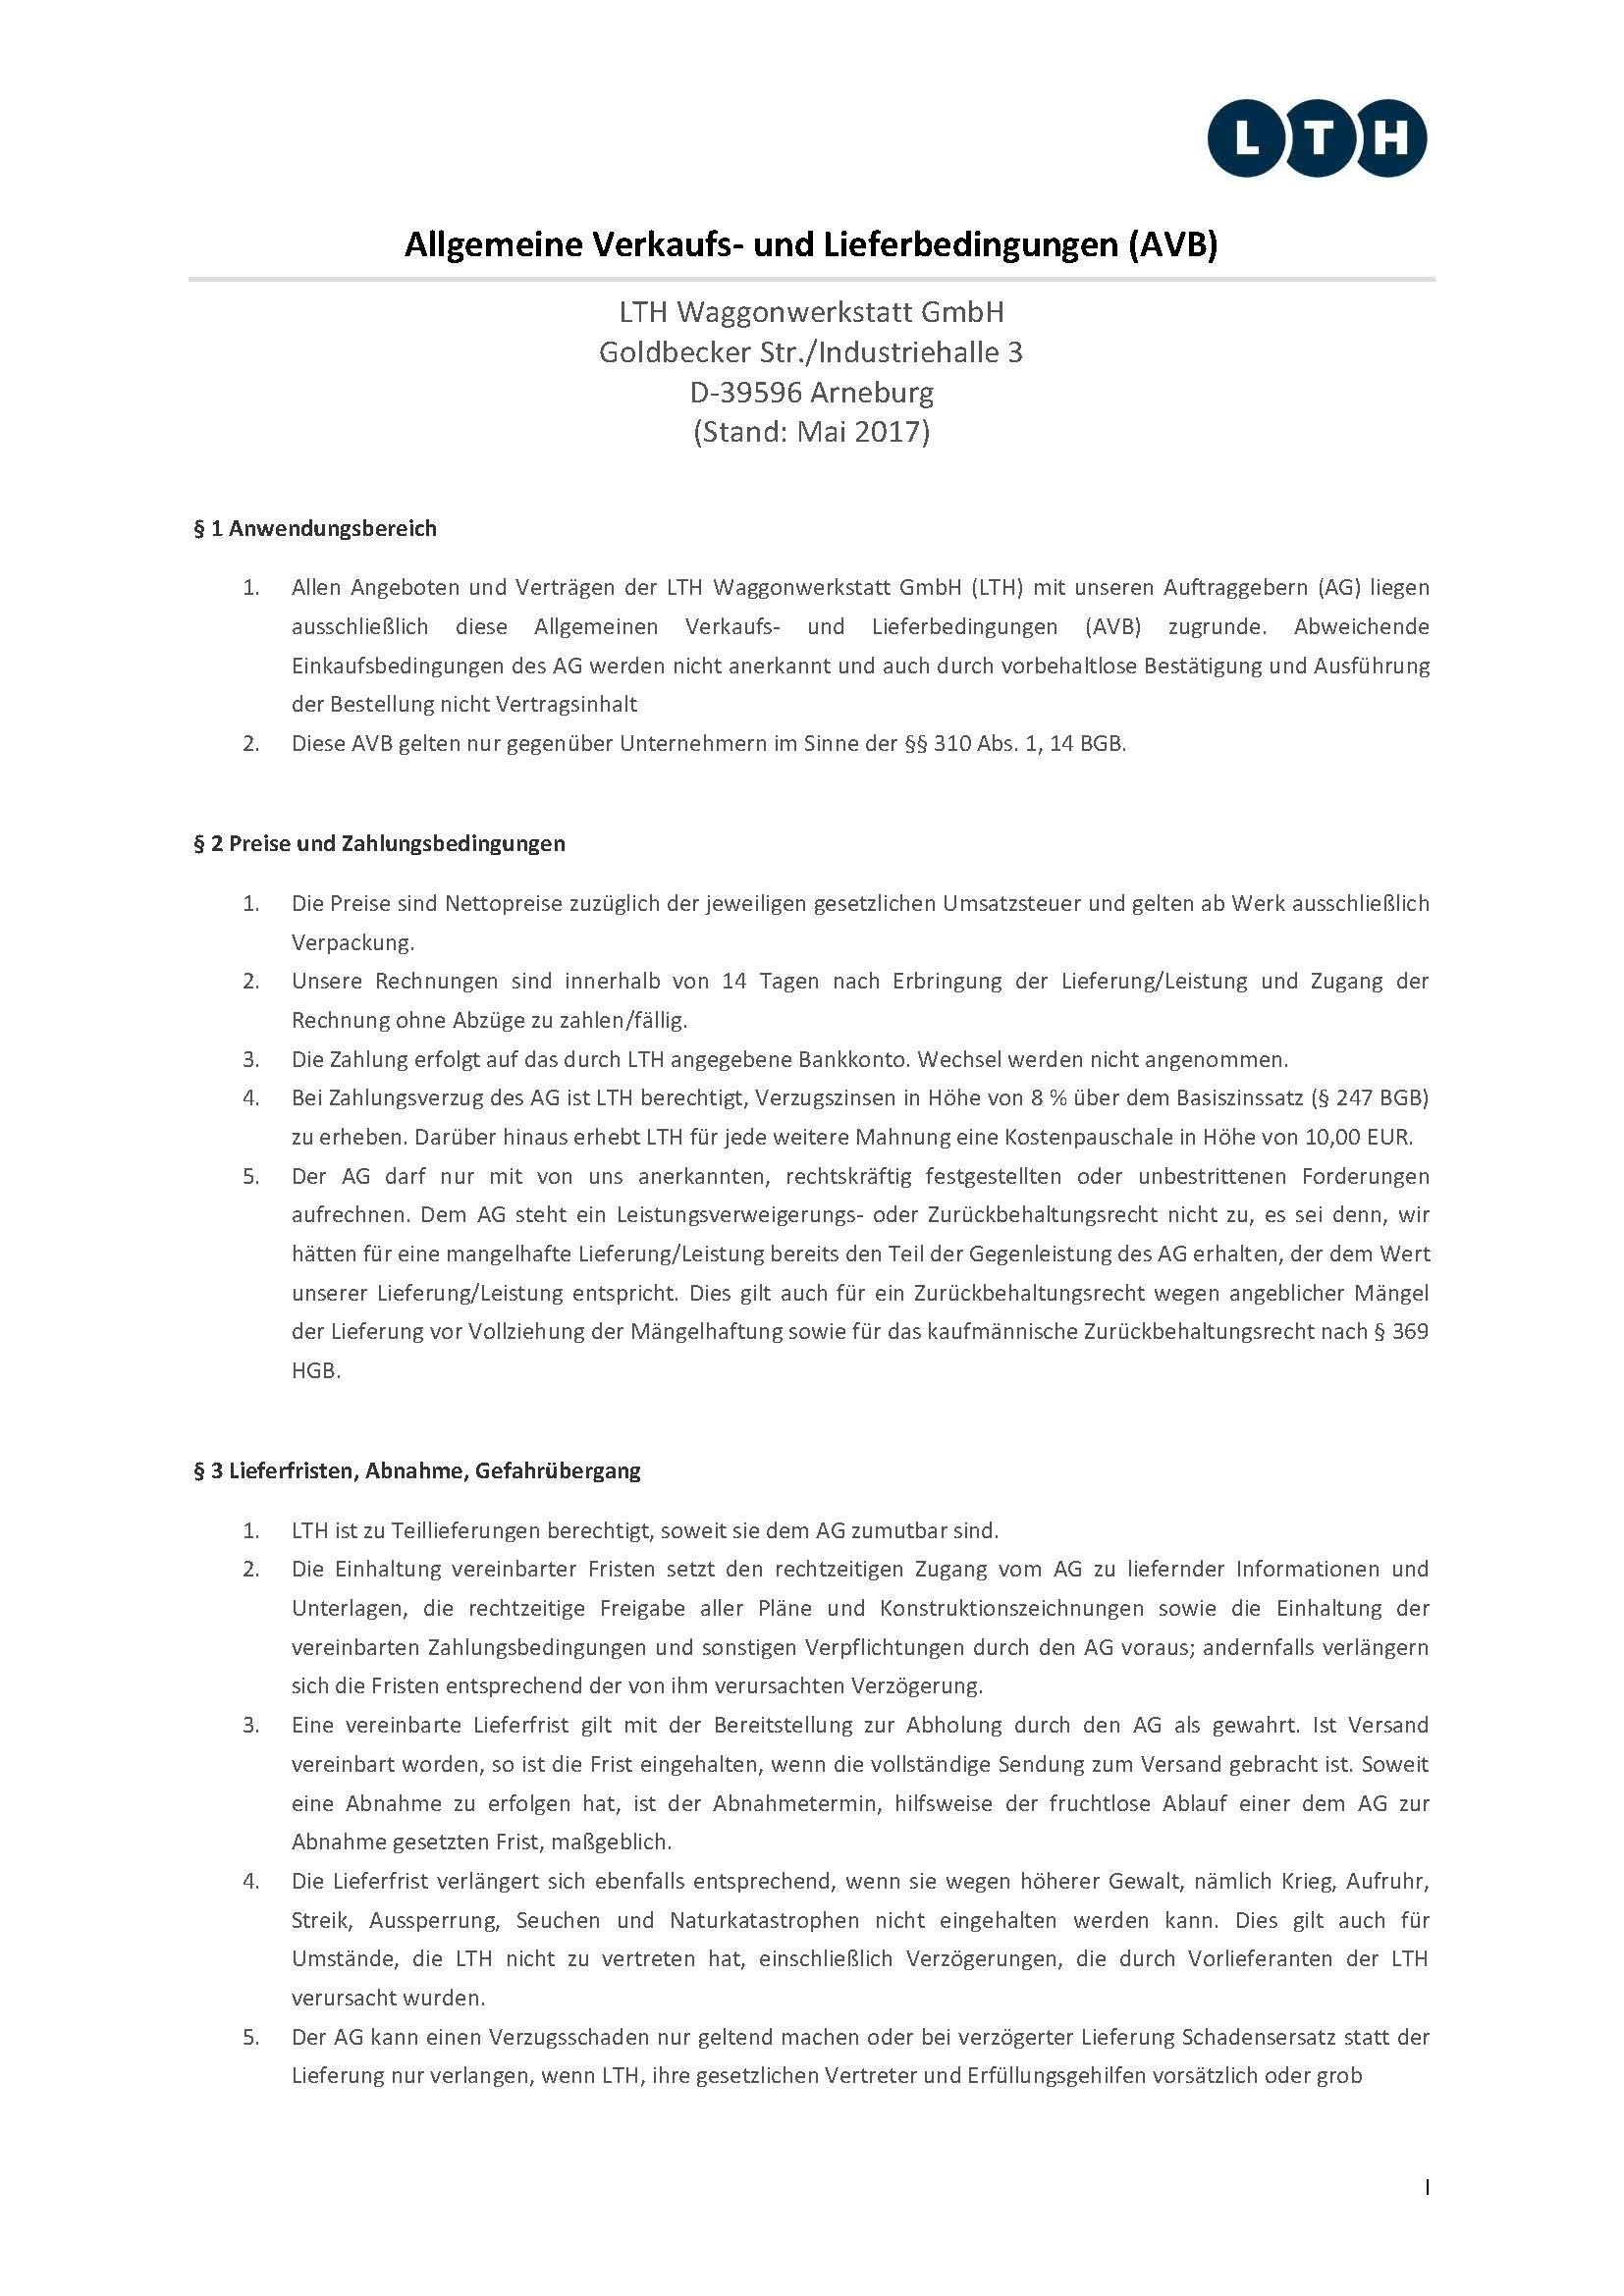 Downloads - Das Bild zeigt die aktuellen Verkaufs- und Lieferbedingungen für die LTH Waggonwerkstatt GmbH.